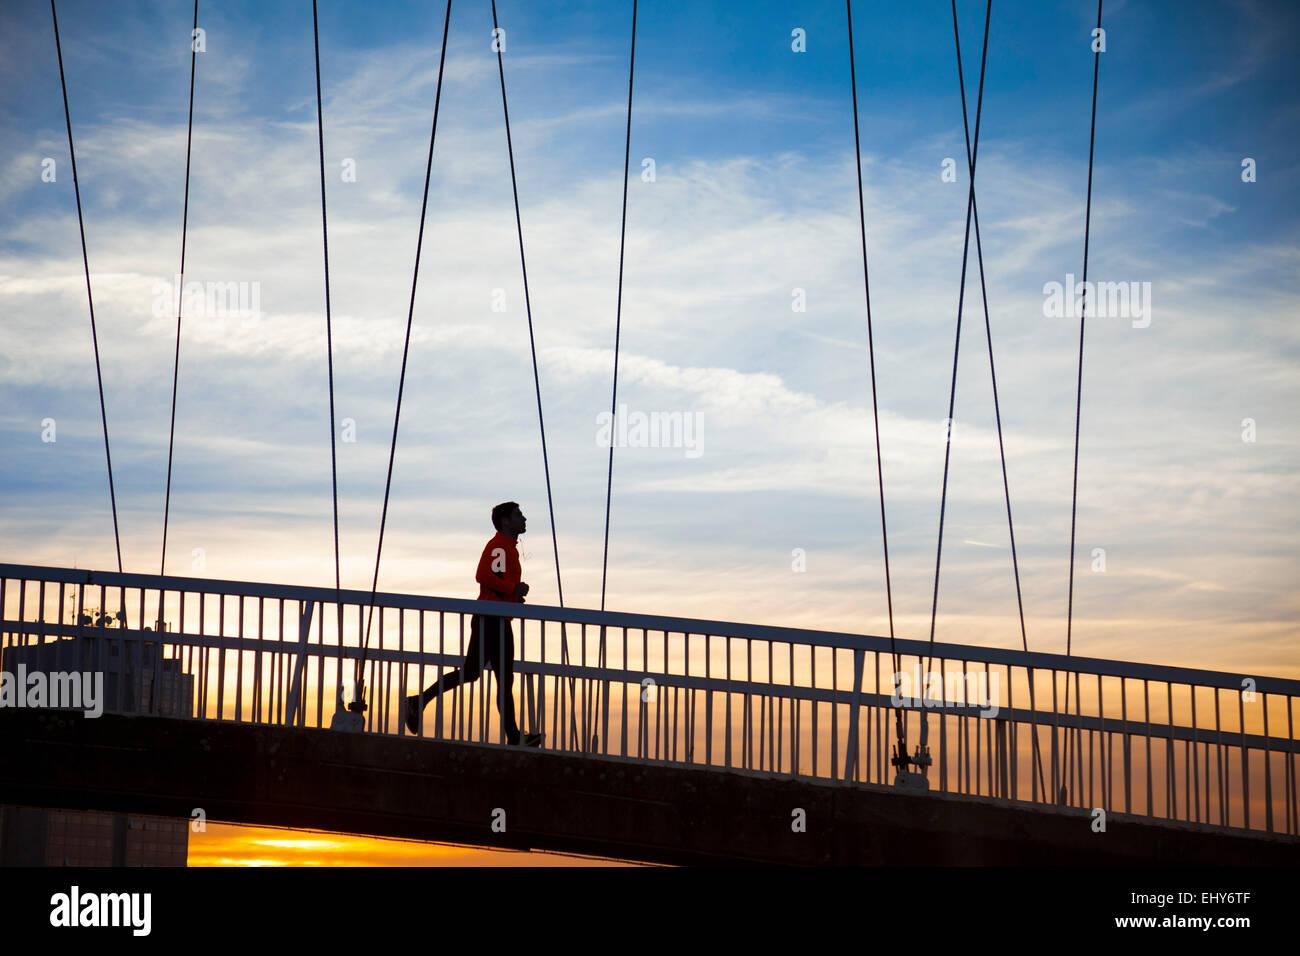 Uomo di jogging sul ponte al tramonto Immagini Stock